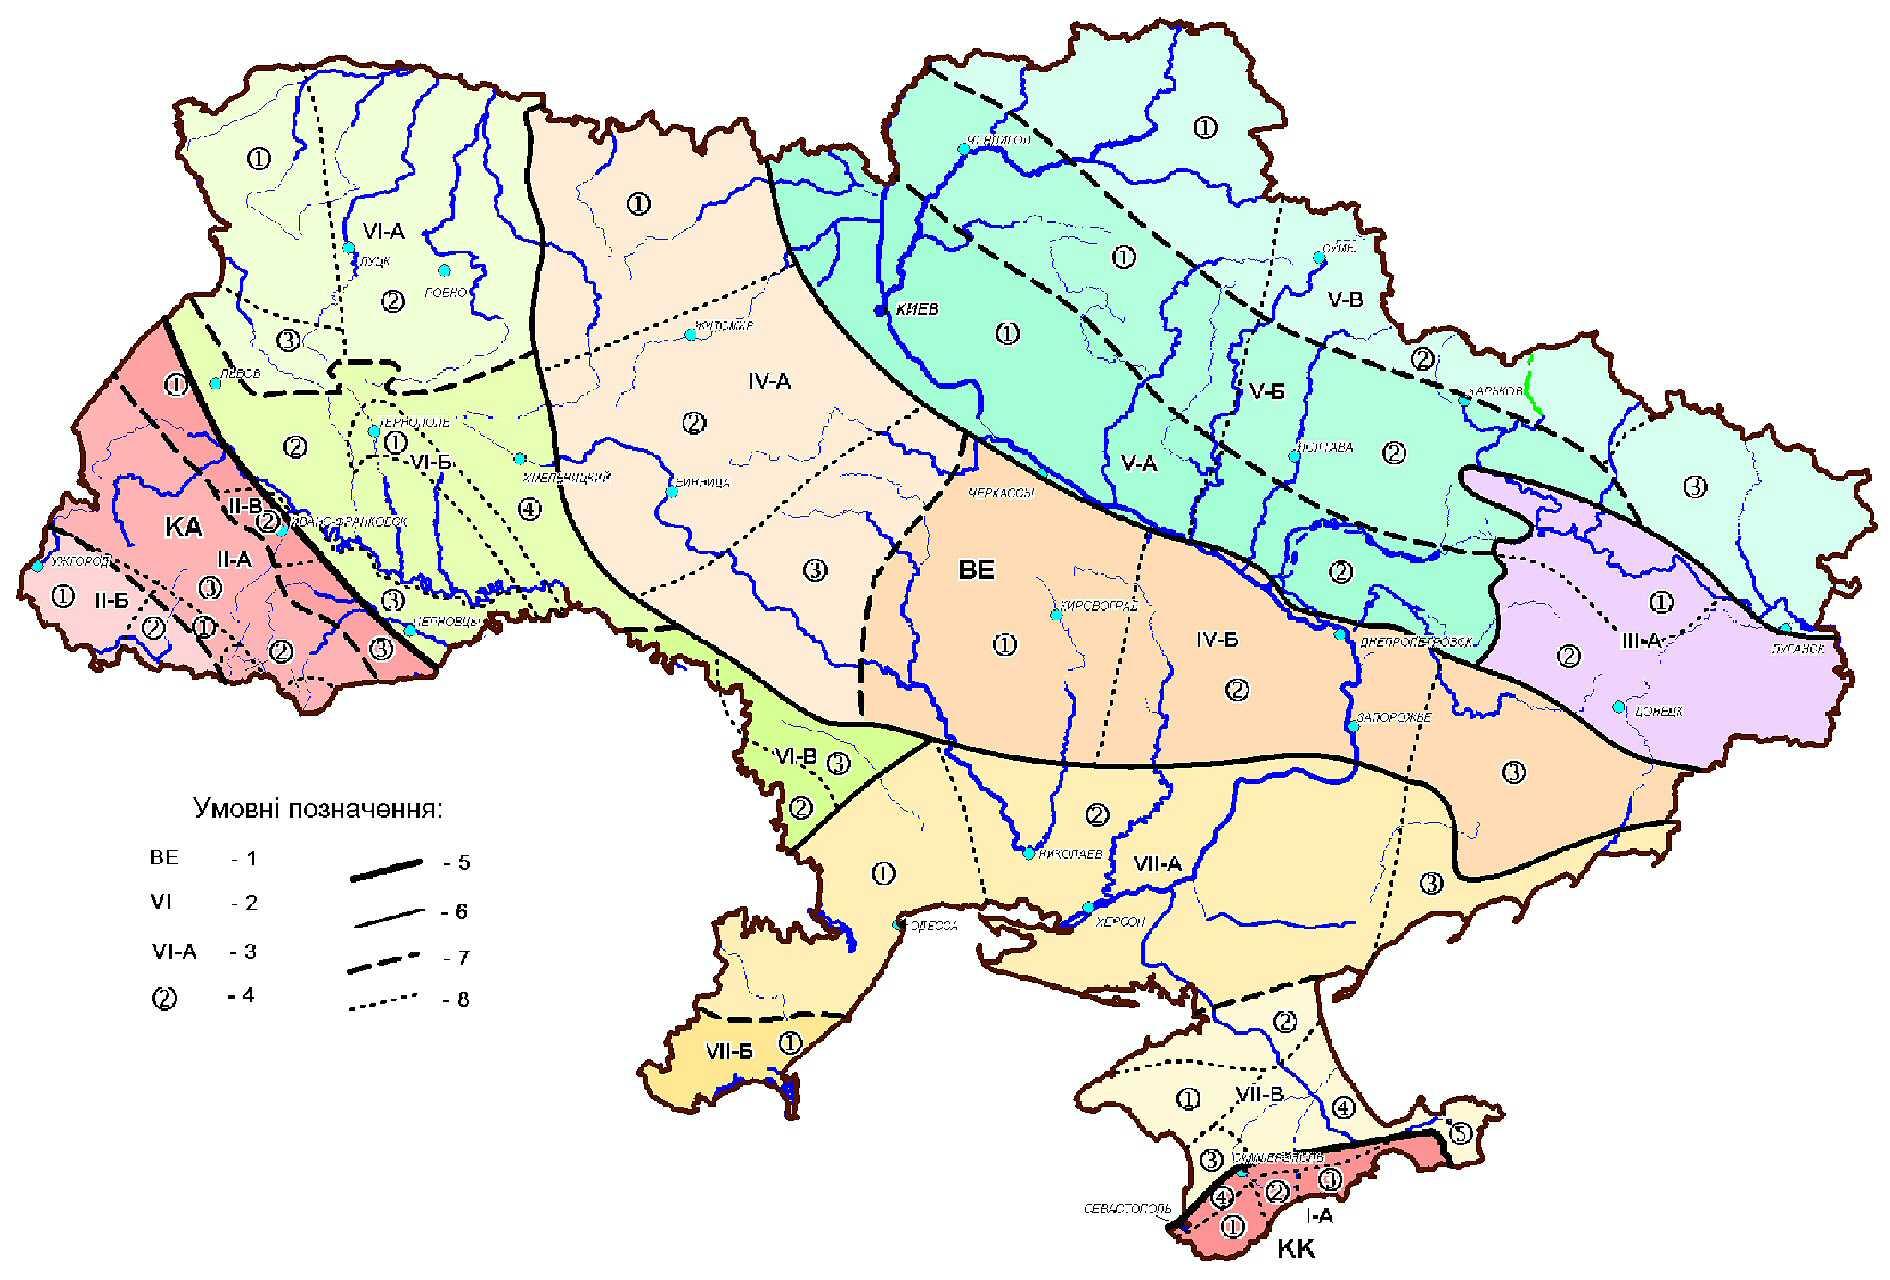 karst_regions_ukraine_dubl-1996